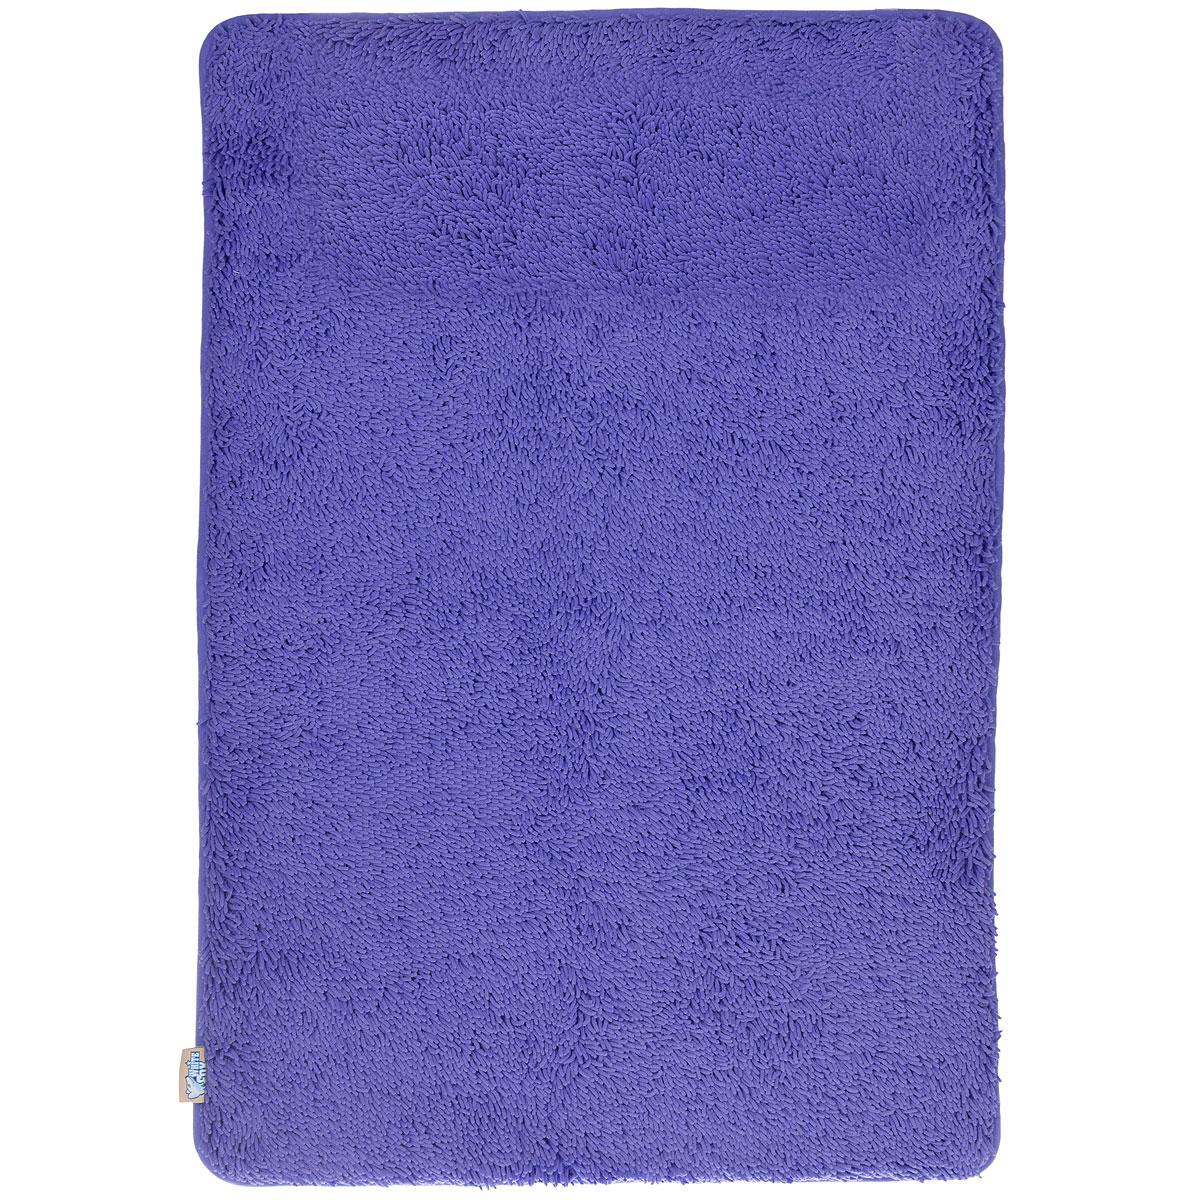 Коврик для ванной White Fox Relax, цвет: синий, 60 см х 90 смUP210DFКоврик для ванной White Fox Relax с ворсом подарит настоящий комфорт до и после принятия водных процедур. Коврик состоит из трех слоев: - верхний флисовый слой прекрасно дышит, благодаря чему коврик быстро высыхает; - основной слой выполнен из специального вспененного материала, который точно повторяет рельеф стопы, создает комфорт и полностью восстанавливает первоначальную форму; - нижний резиновый слой препятствует скольжению коврика на влажном полу.Коврик White Fox Relax с ворсом равномерно распределяет нагрузку на всю поверхность стопы, снимая напряжение и усталость в ногах. Рекомендации по уходу: - можно стирать в стиральной машине при +30°C; - не отбеливать; - не гладить; - можно подвергать химчистке; - деликатные отжим и сушка.Высота ворса: 1,3 см.